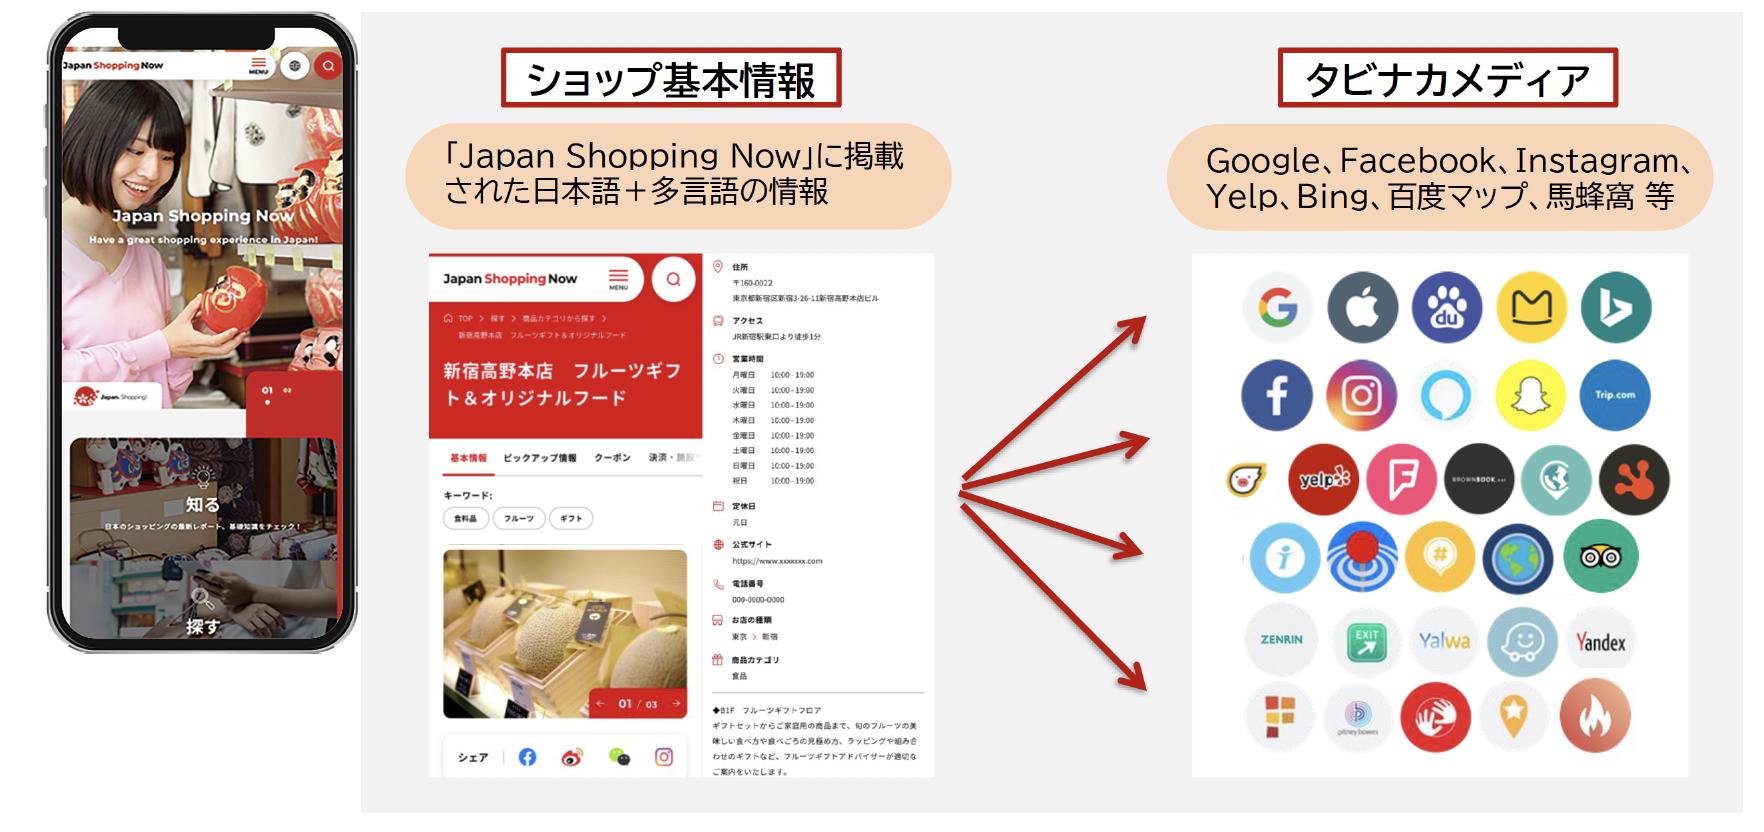 """日本最大級の""""多言語""""ショッピング情報サイト『Japan Shopping Now』全面リニューアル... 画像"""